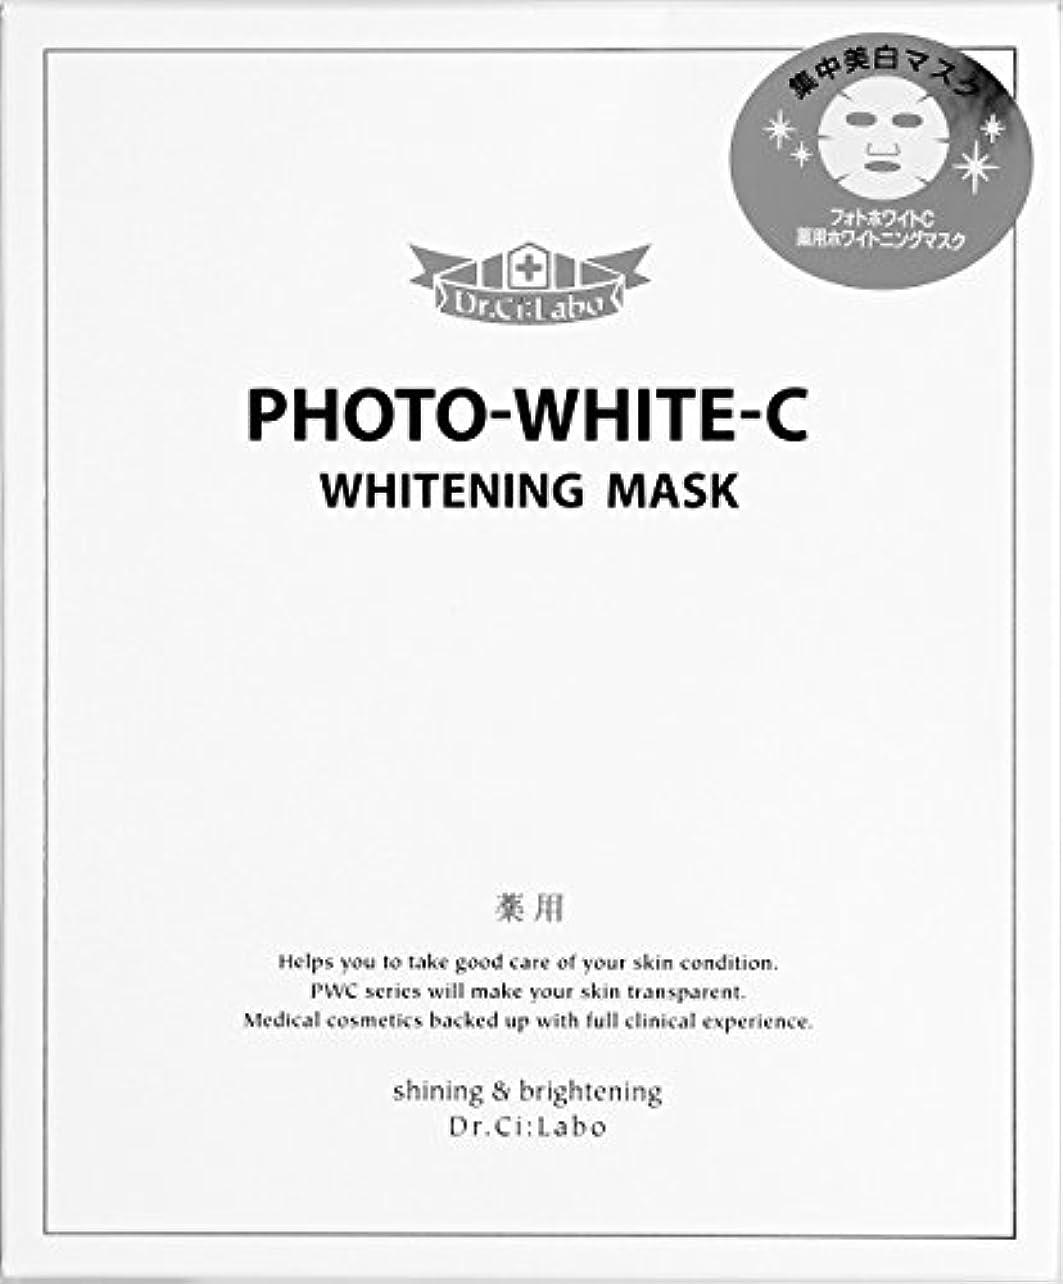 孤独なあなたのものケーキドクターシーラボ フォトホワイトC 薬用ホワイトニングマスク (1箱:5枚入り) フェイスパック [医薬部外品]